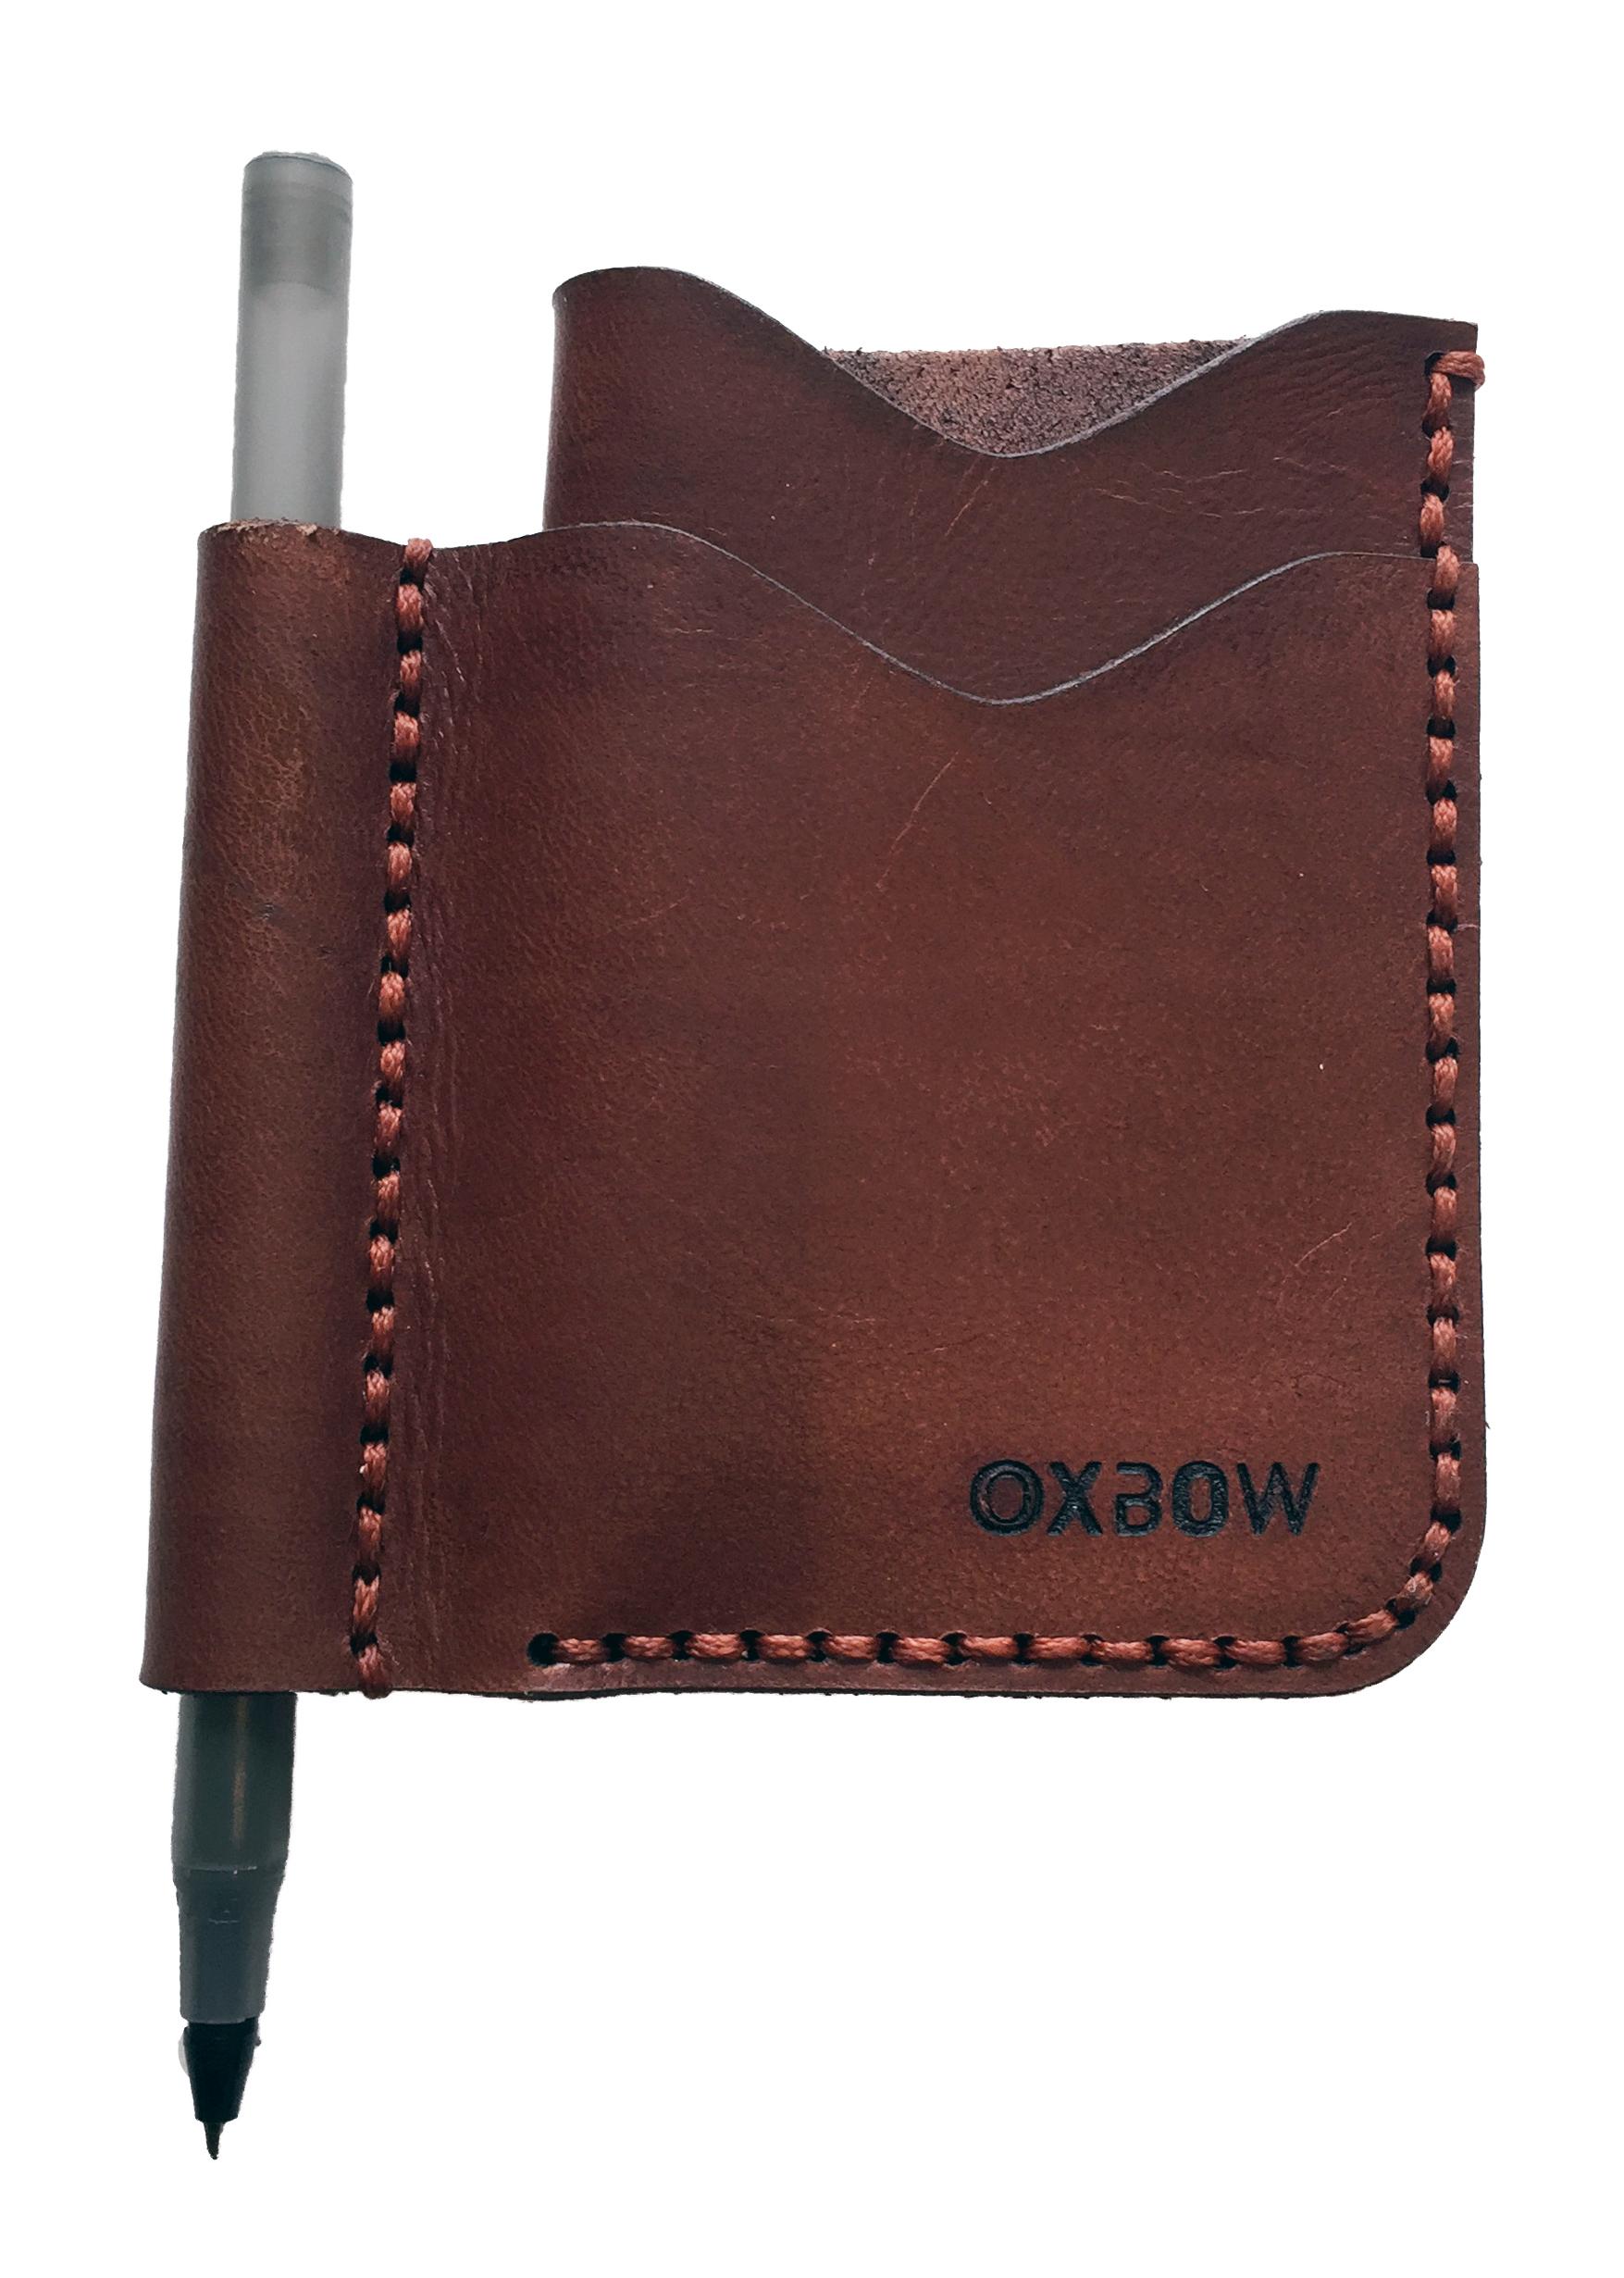 Oxbow Wallet.jpg